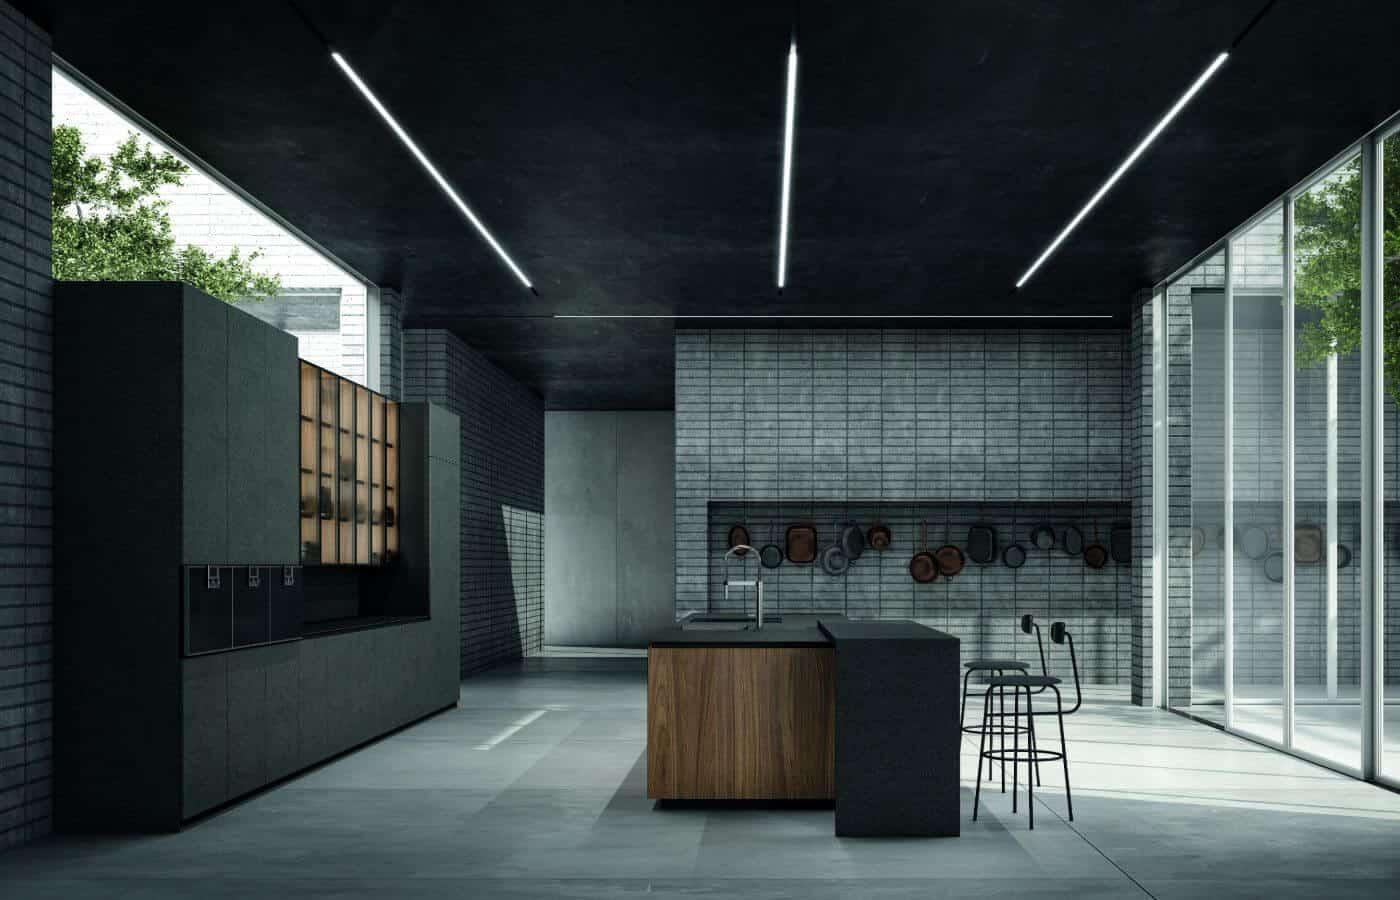 cucina-particolare-piano-penisola-pietra-collezione-dorotea-il-mobile